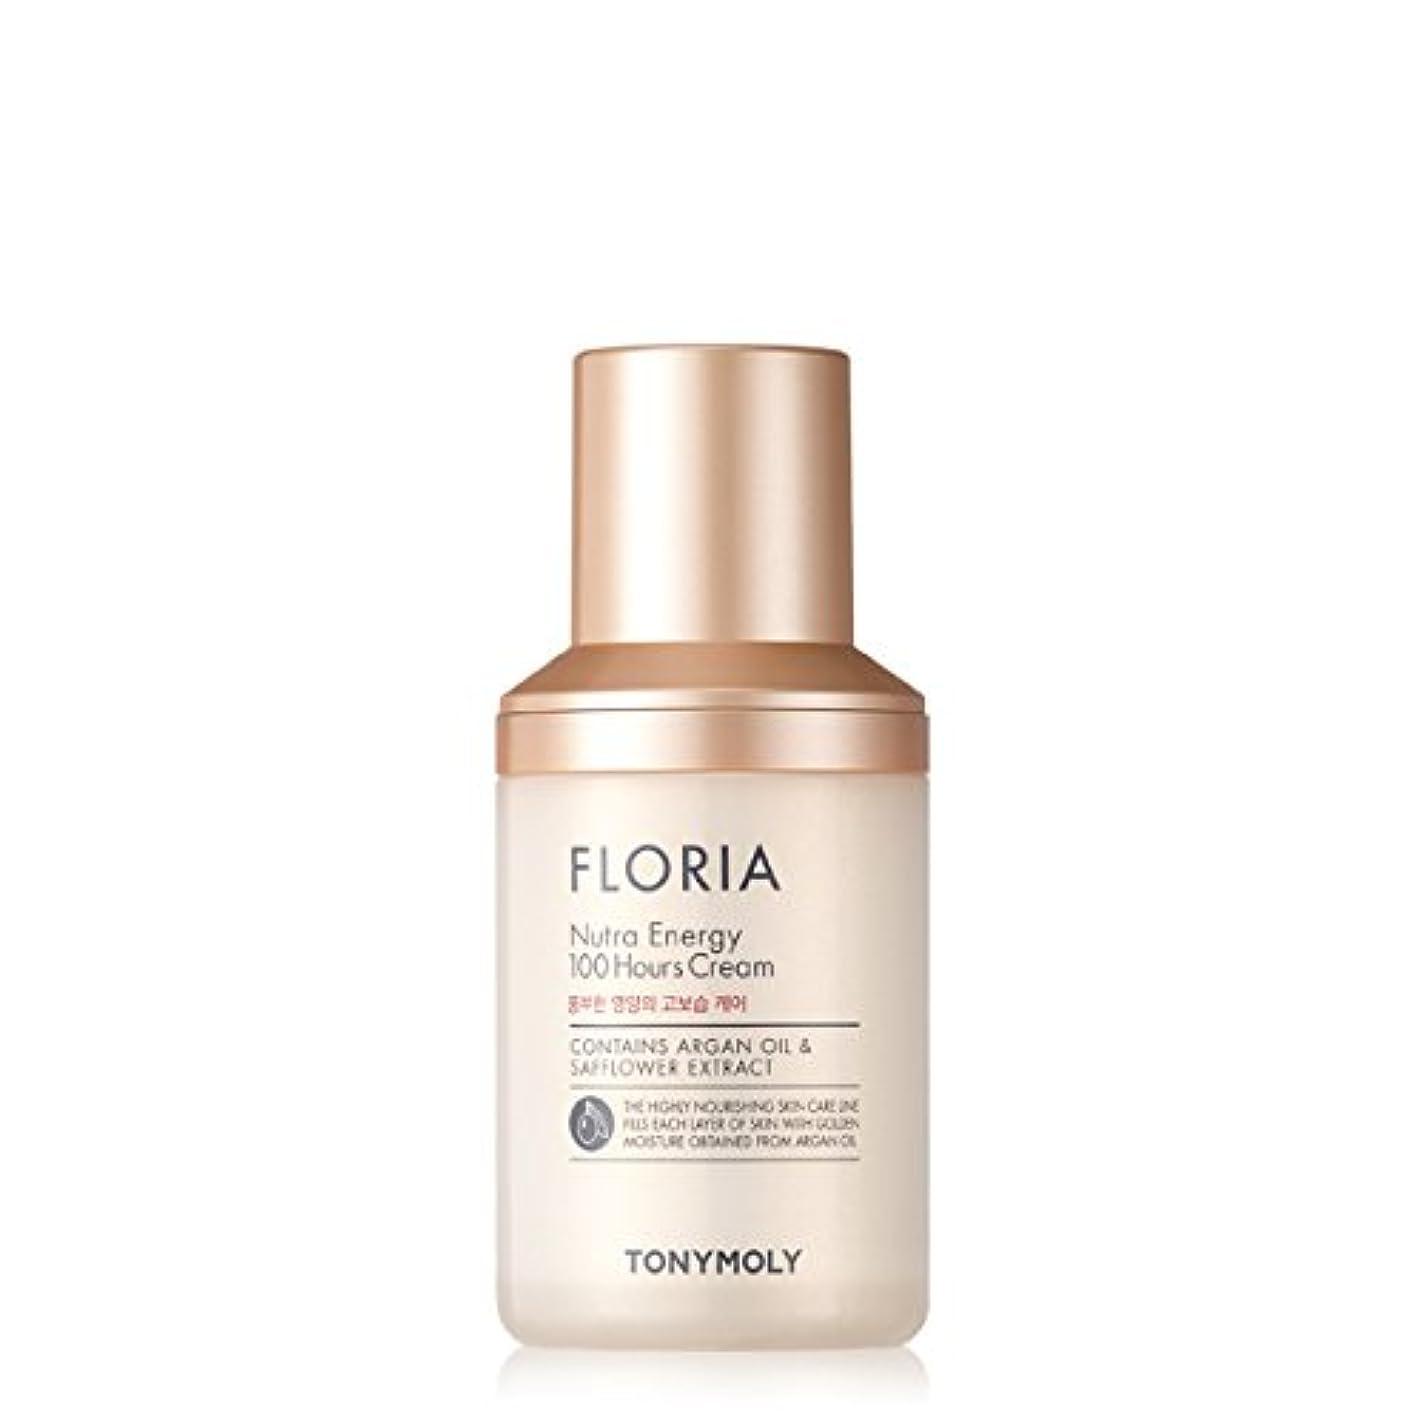 たとえホーム何故なの[NEW] TONY MOLY Floria Nutra energy 100 hours Cream 50ml トニーモリー フローリア ニュートラ エナジー 100時間 クリーム 50ml [並行輸入品]